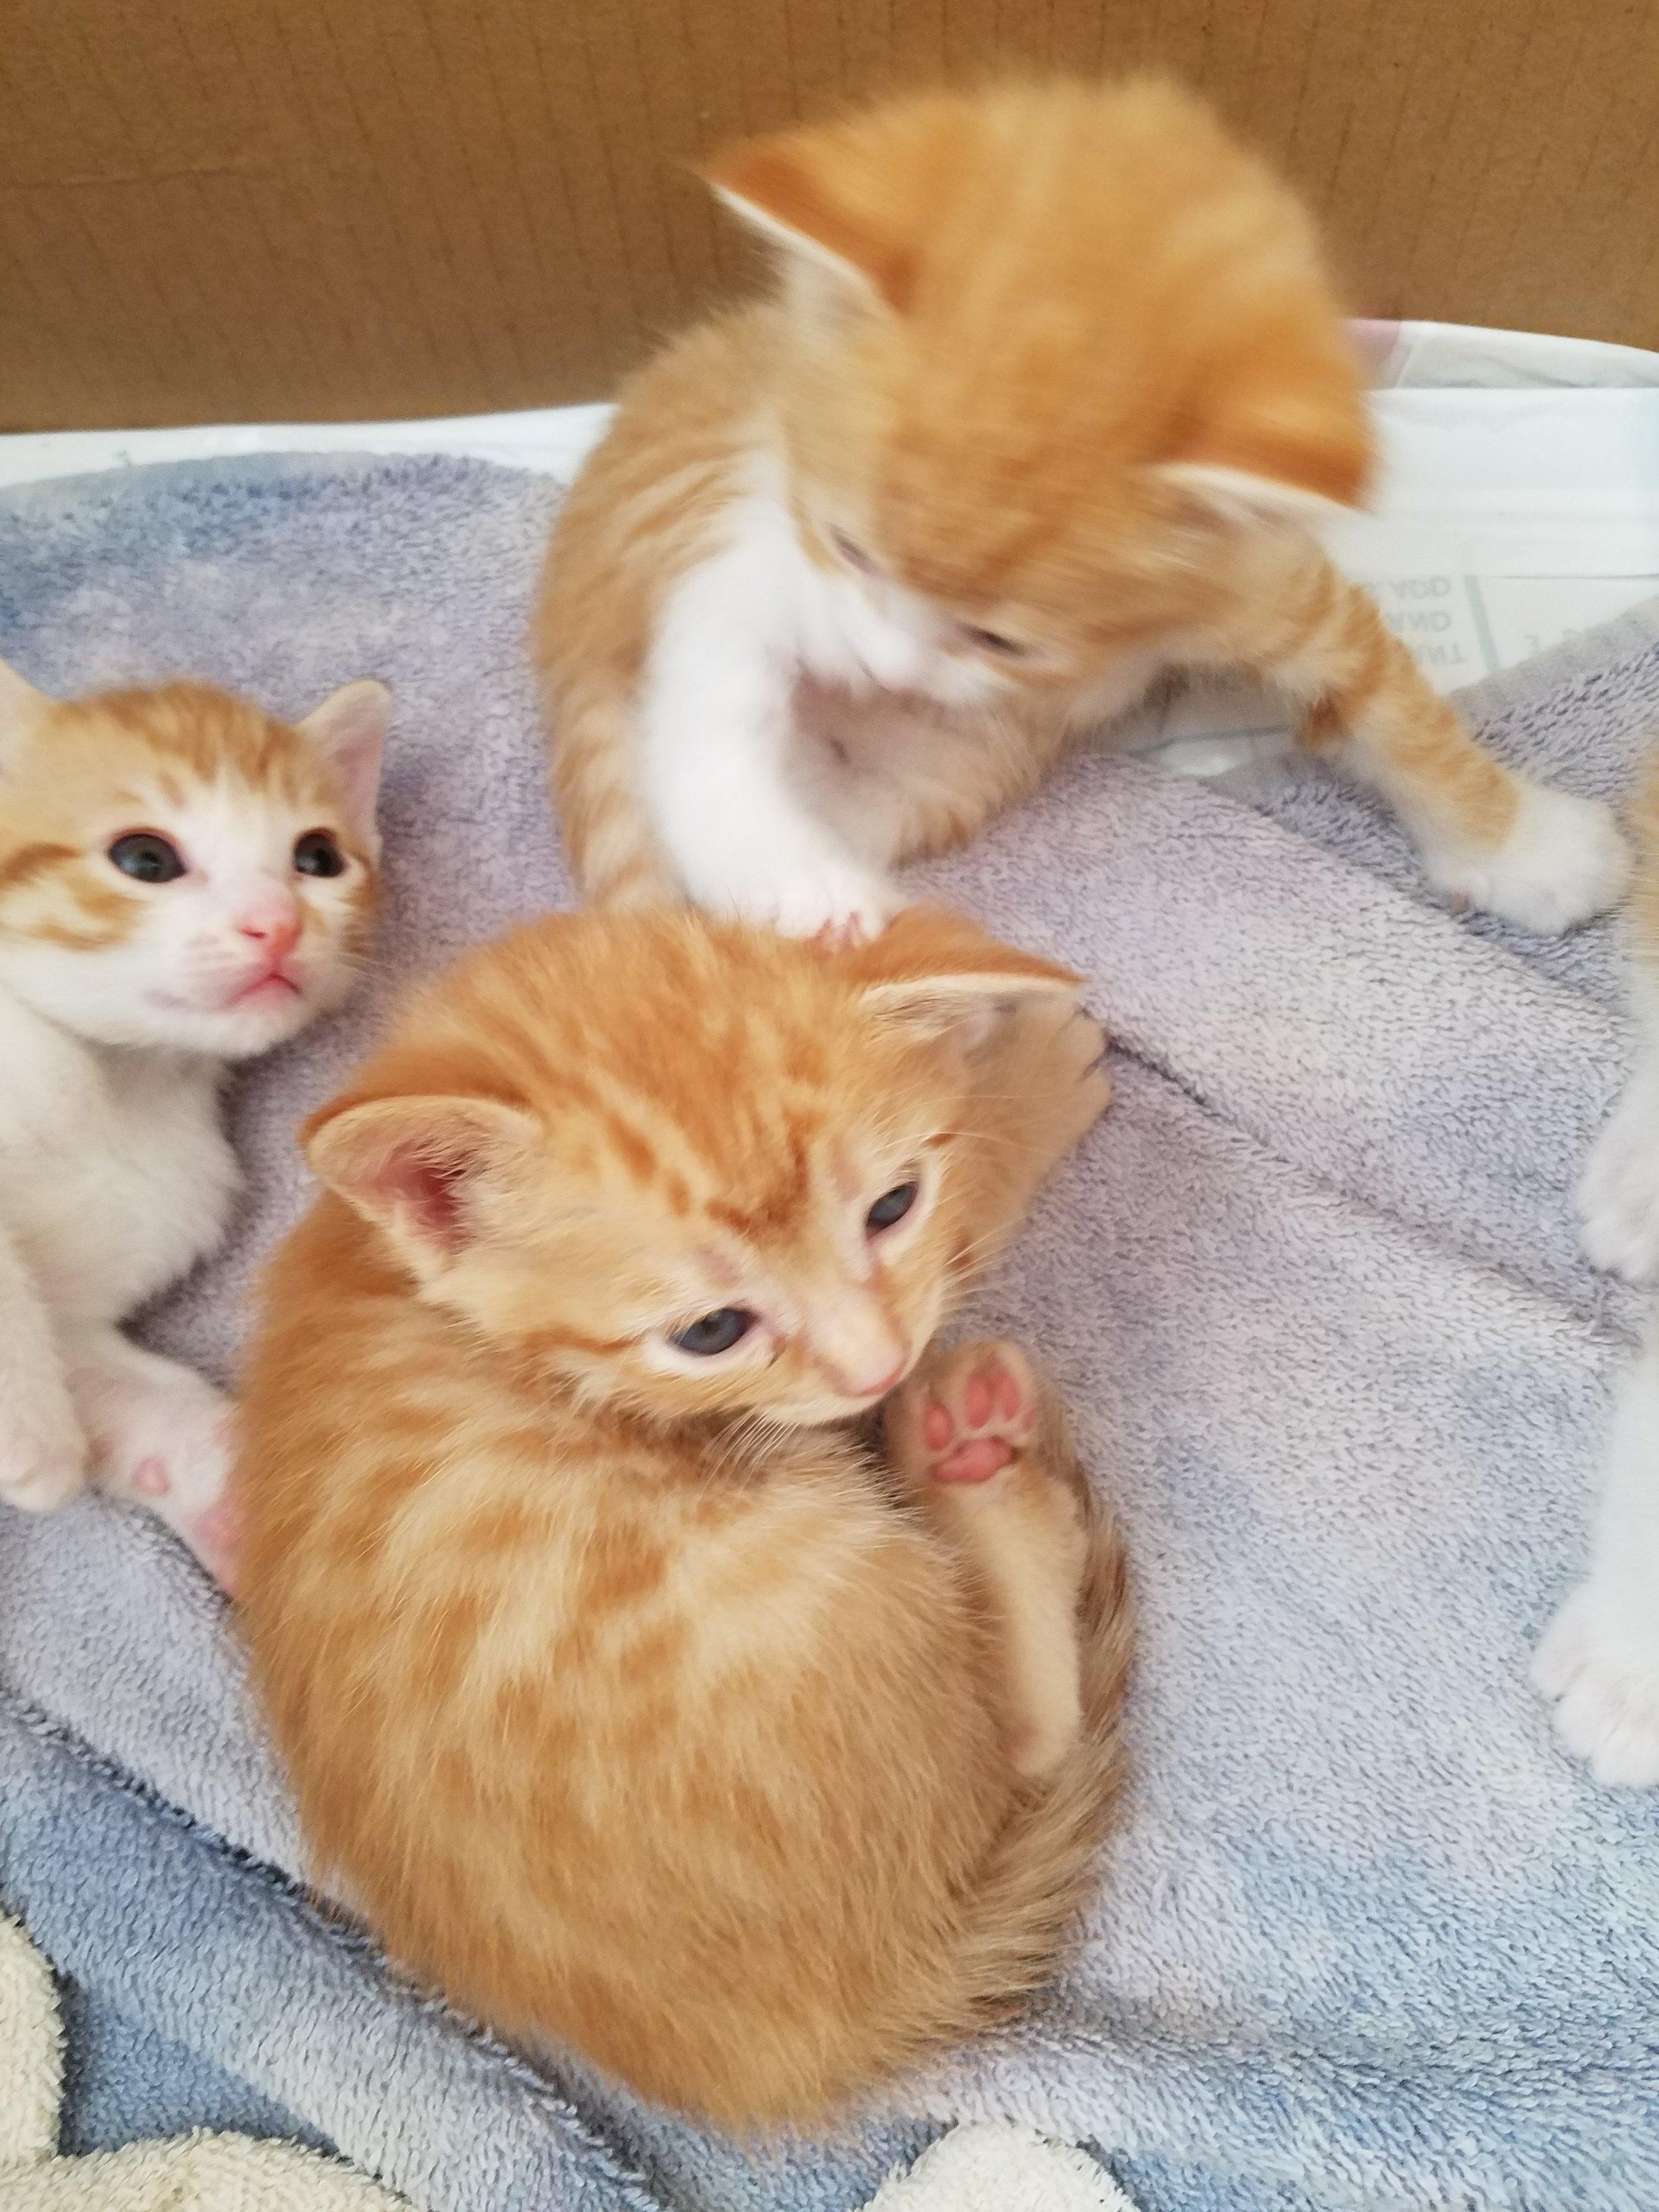 Josie's Kittens  Five sweet bundles of furry kitten goodness. Age: 4 Weeks